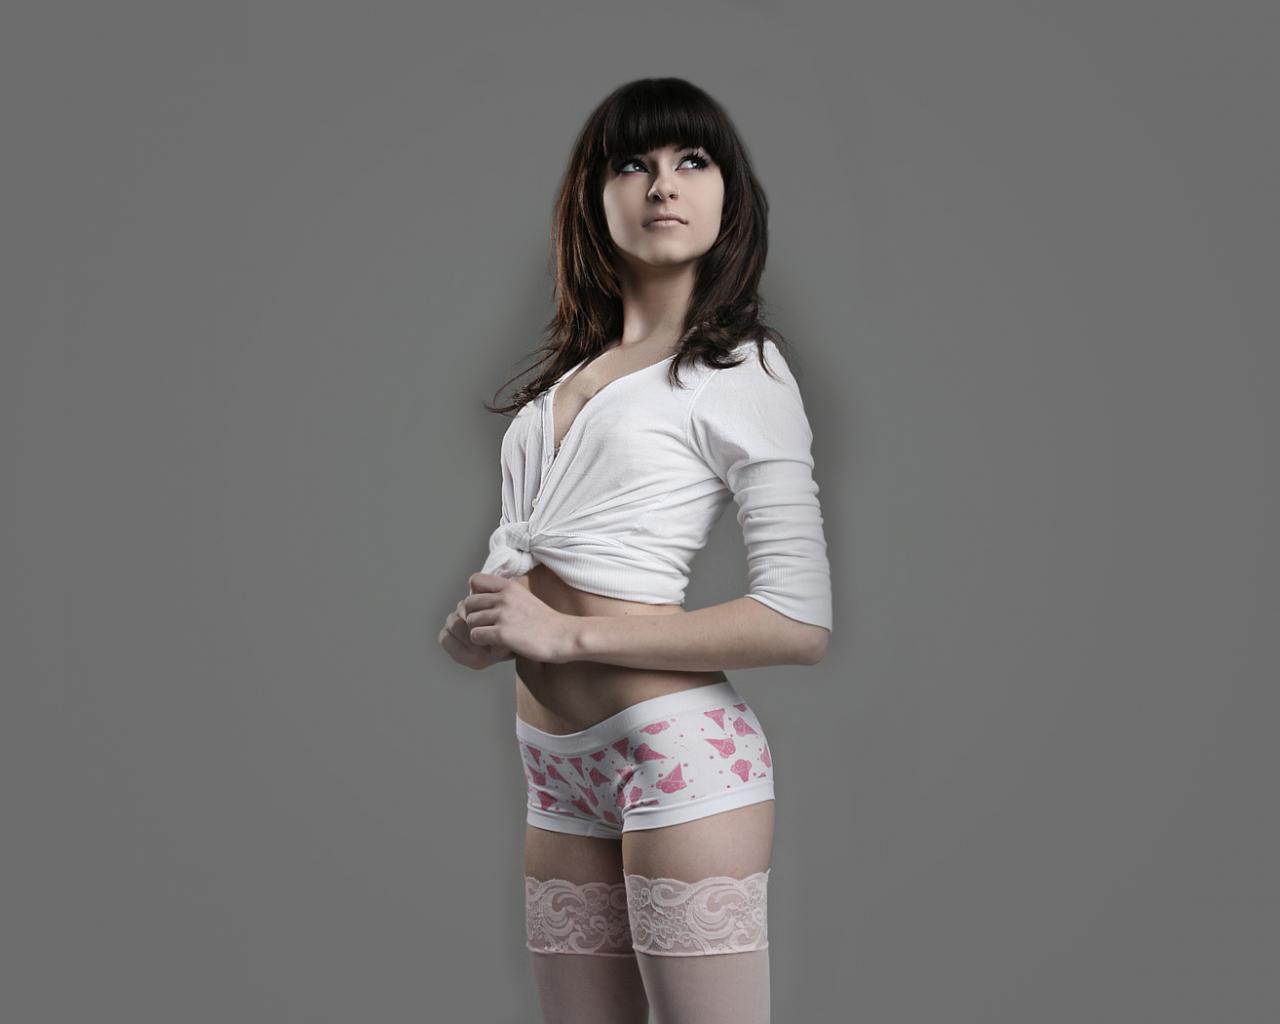 Совсем юная девочка у гениколога 19 фотография